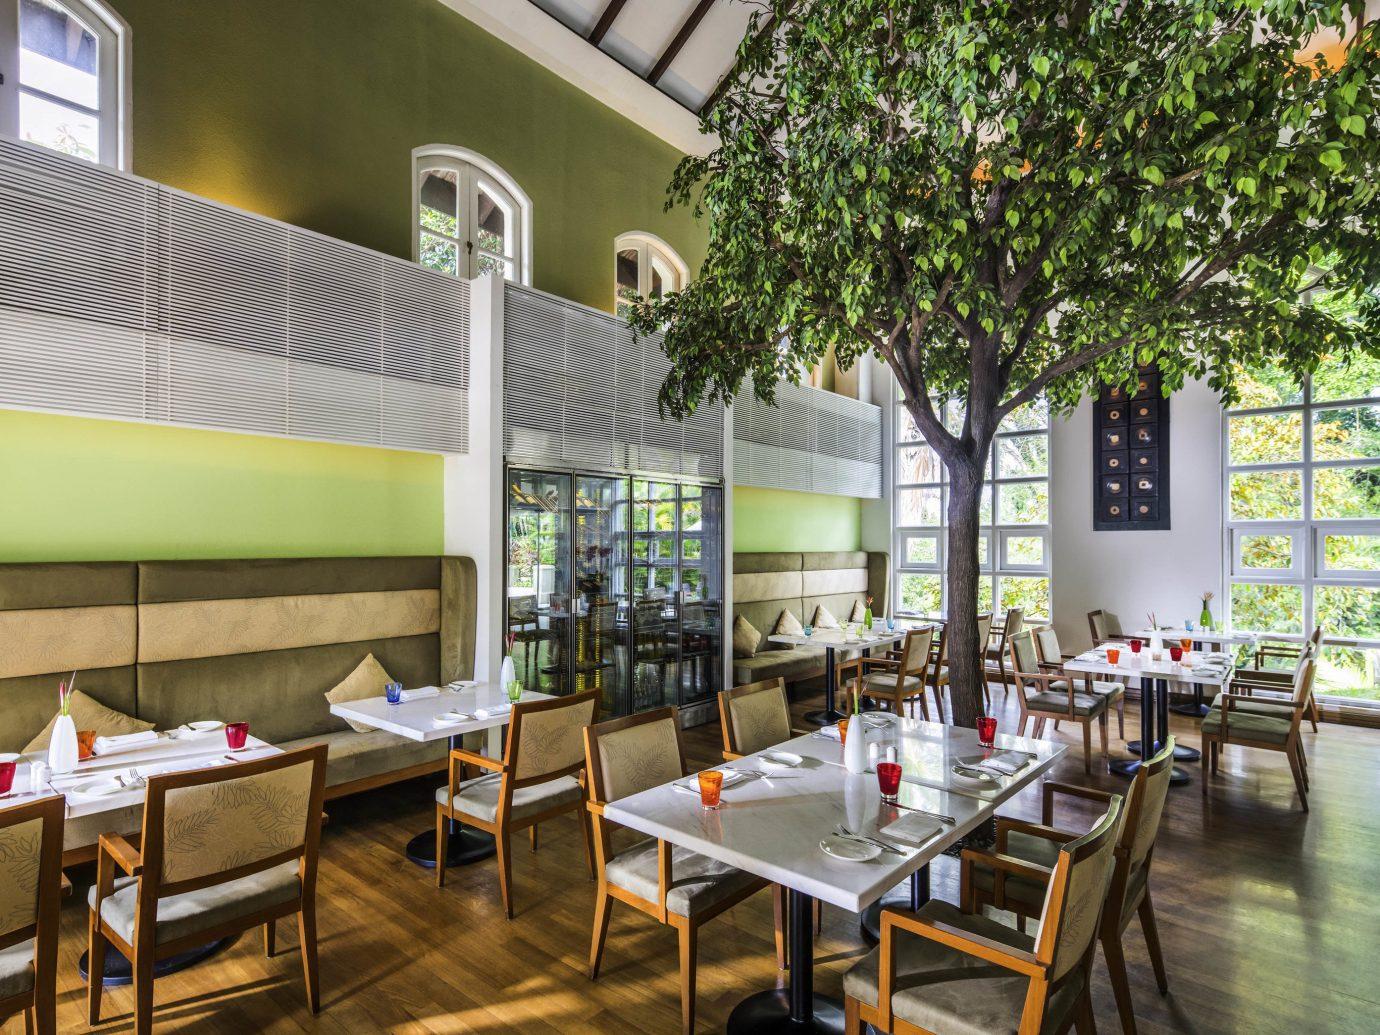 Hotels Romance floor indoor leisure property restaurant interior design real estate condominium plaza cafeteria estate area furniture